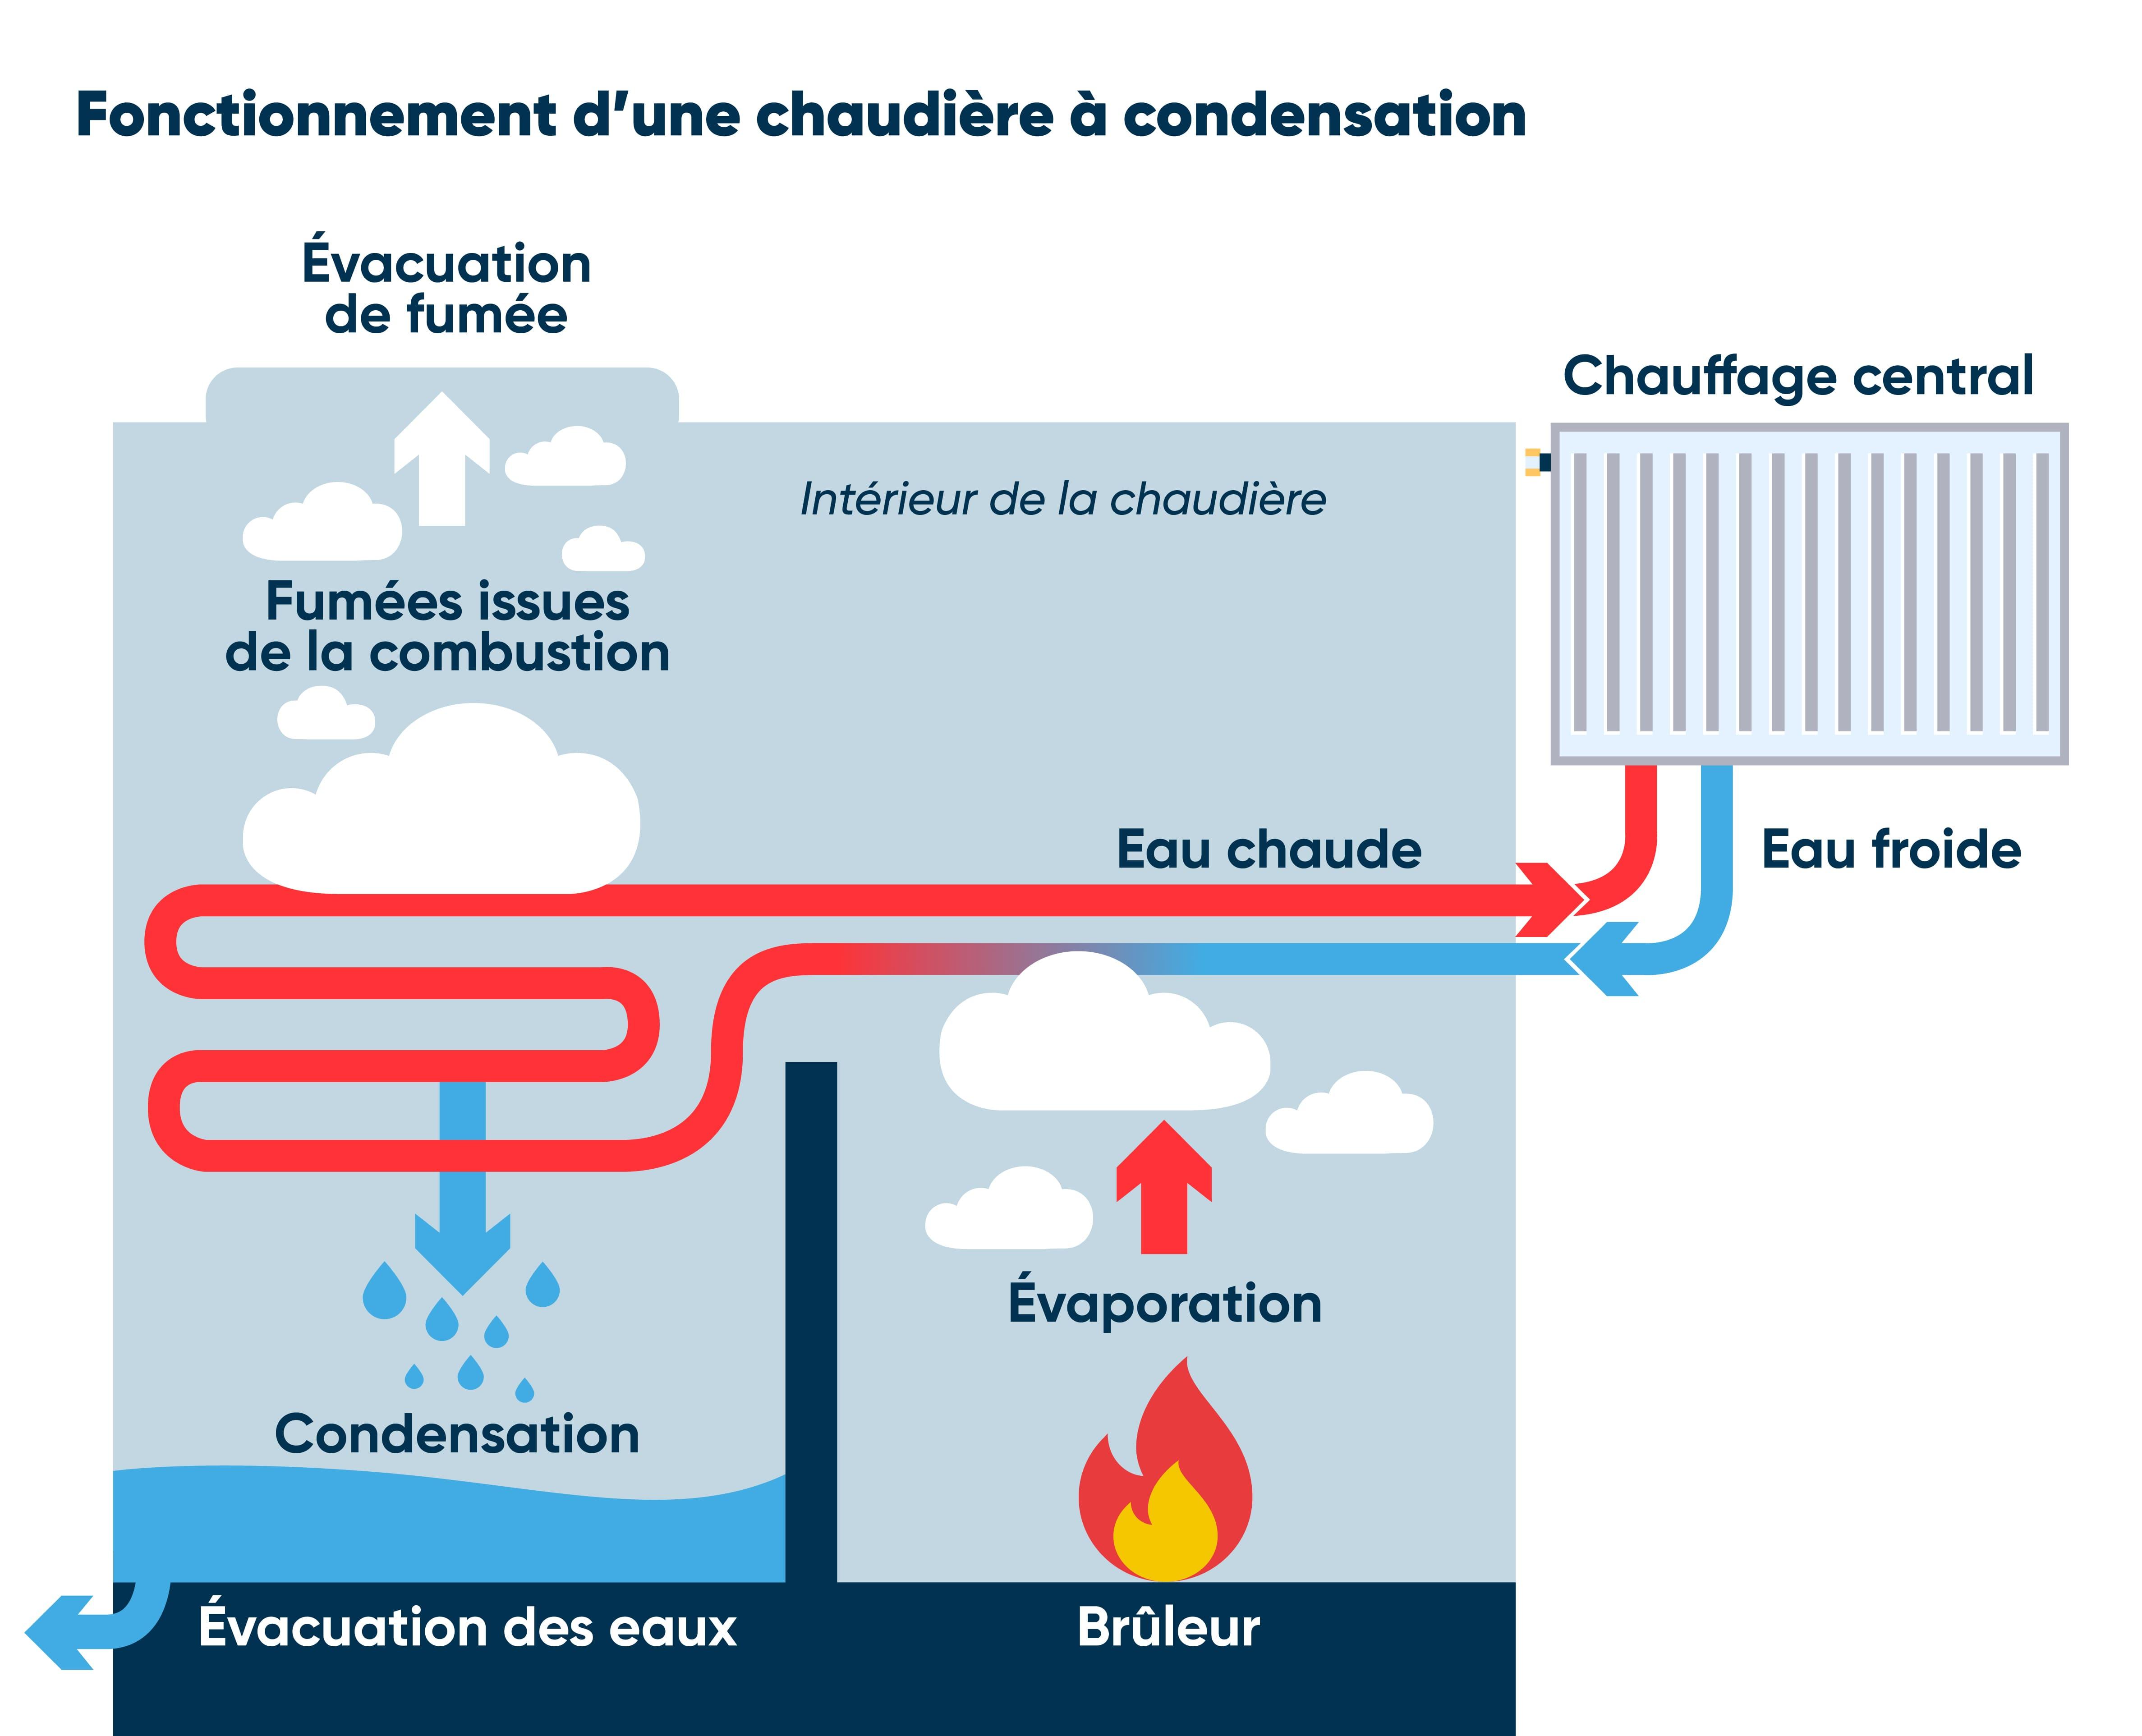 Schéma fonctionnement chaudière condensation